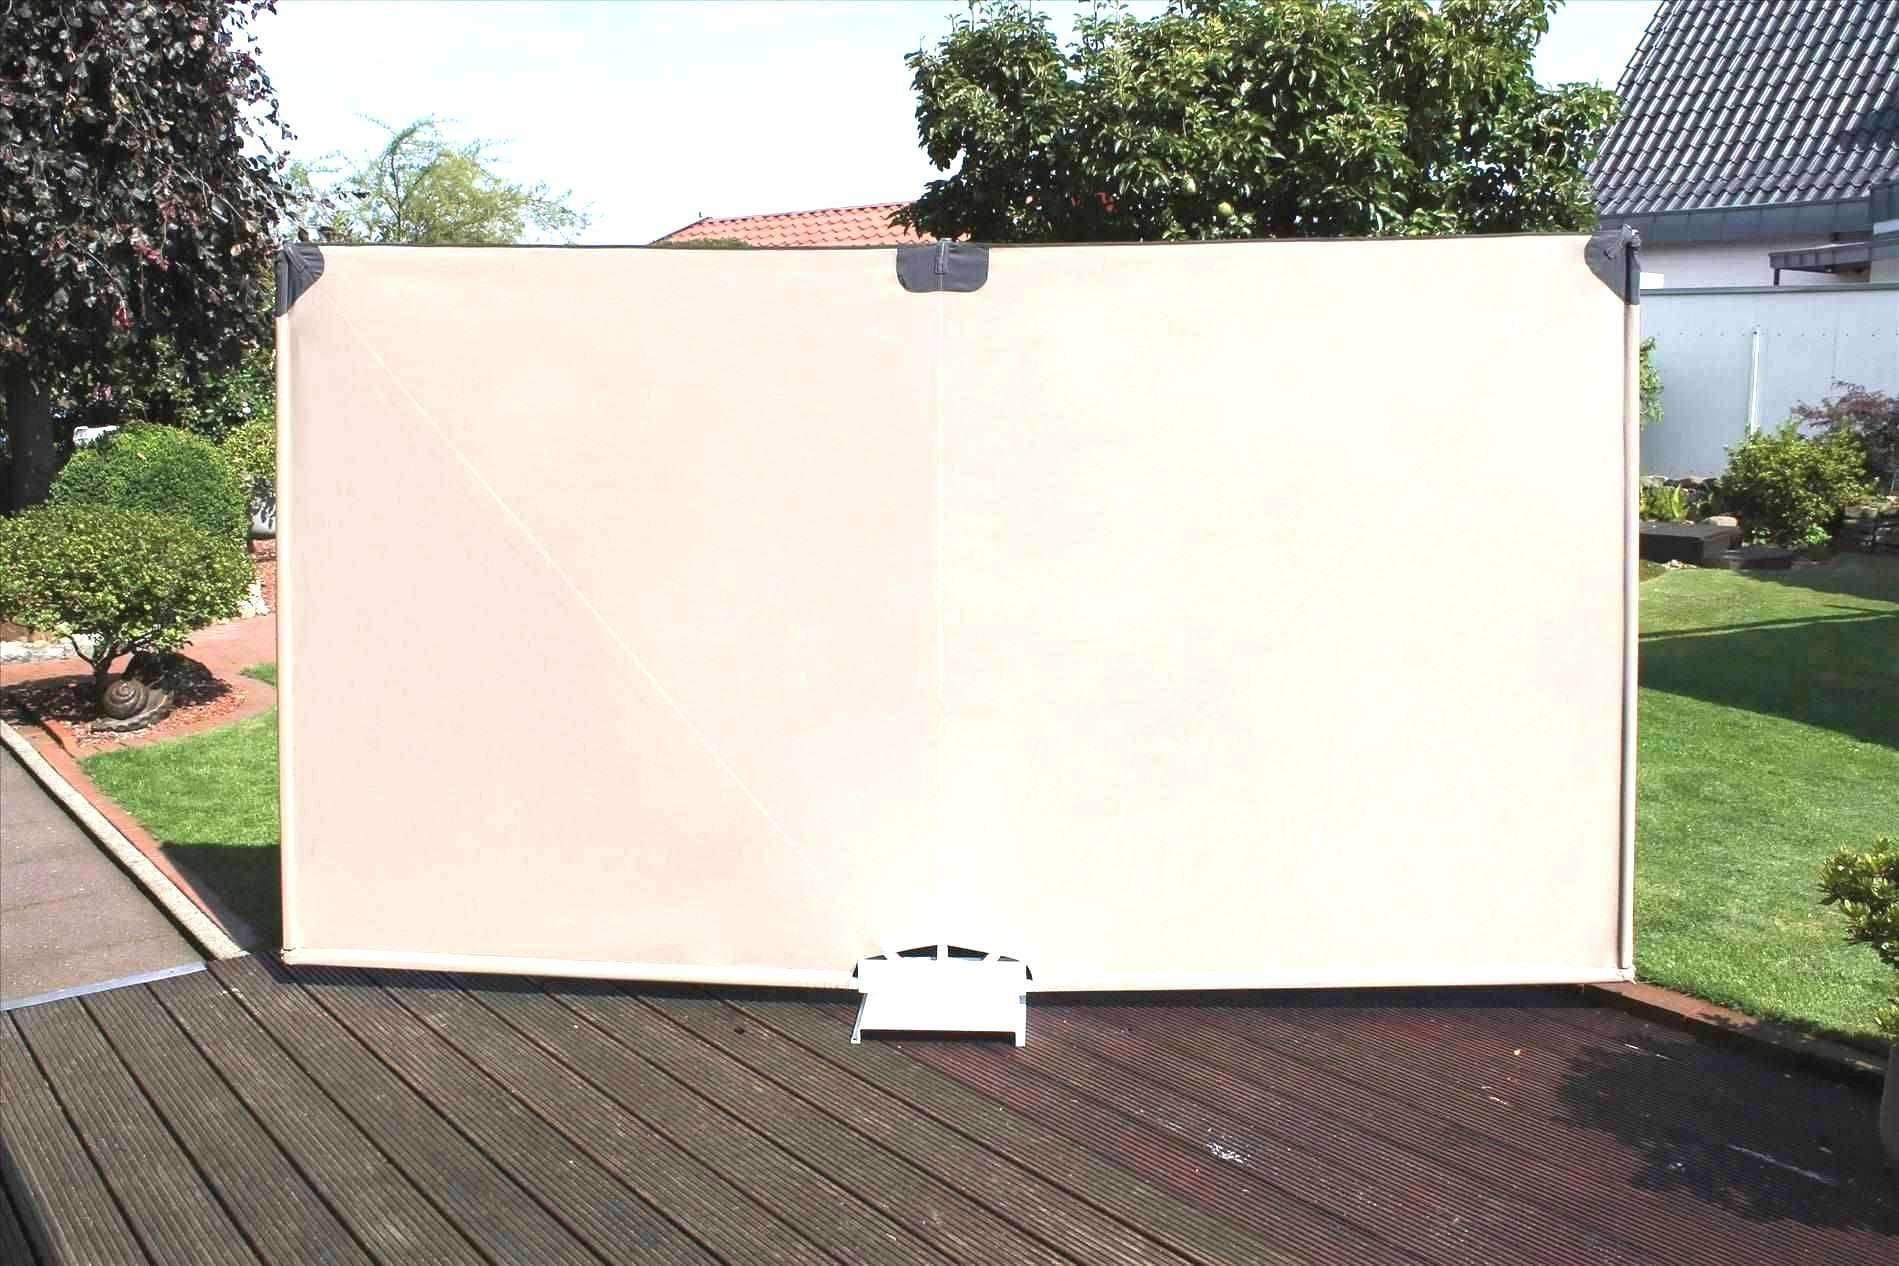 holz sichtschutz garten elegant terrasse grafik of holz sichtschutz garten